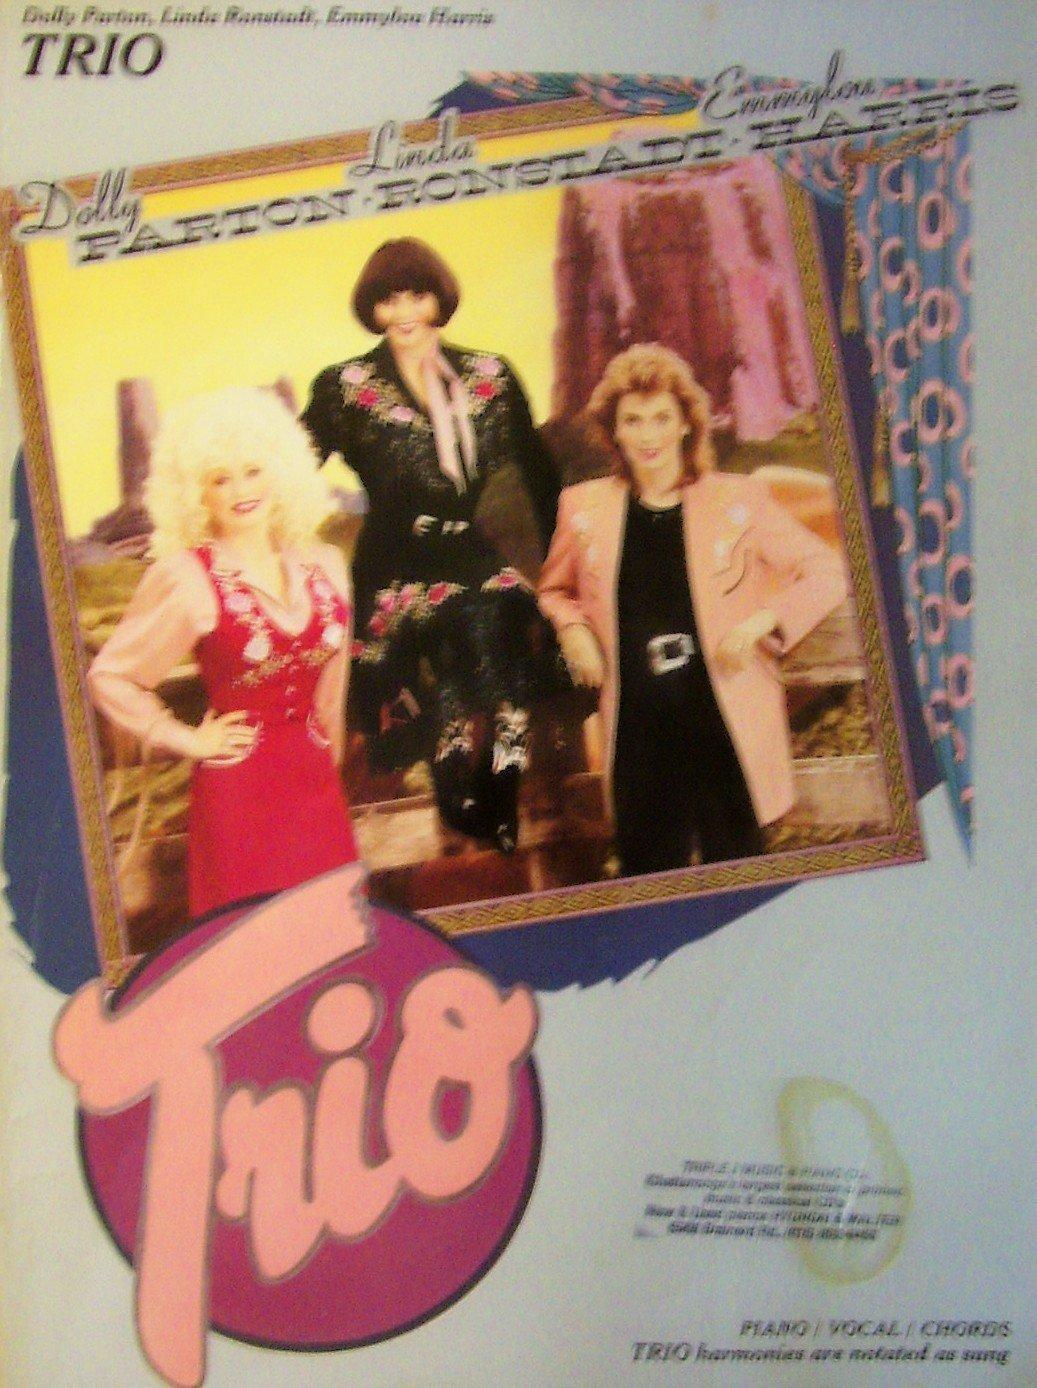 Dolly Parton Linda Ronstadt Emmylou Harris Trio Songbook Piano